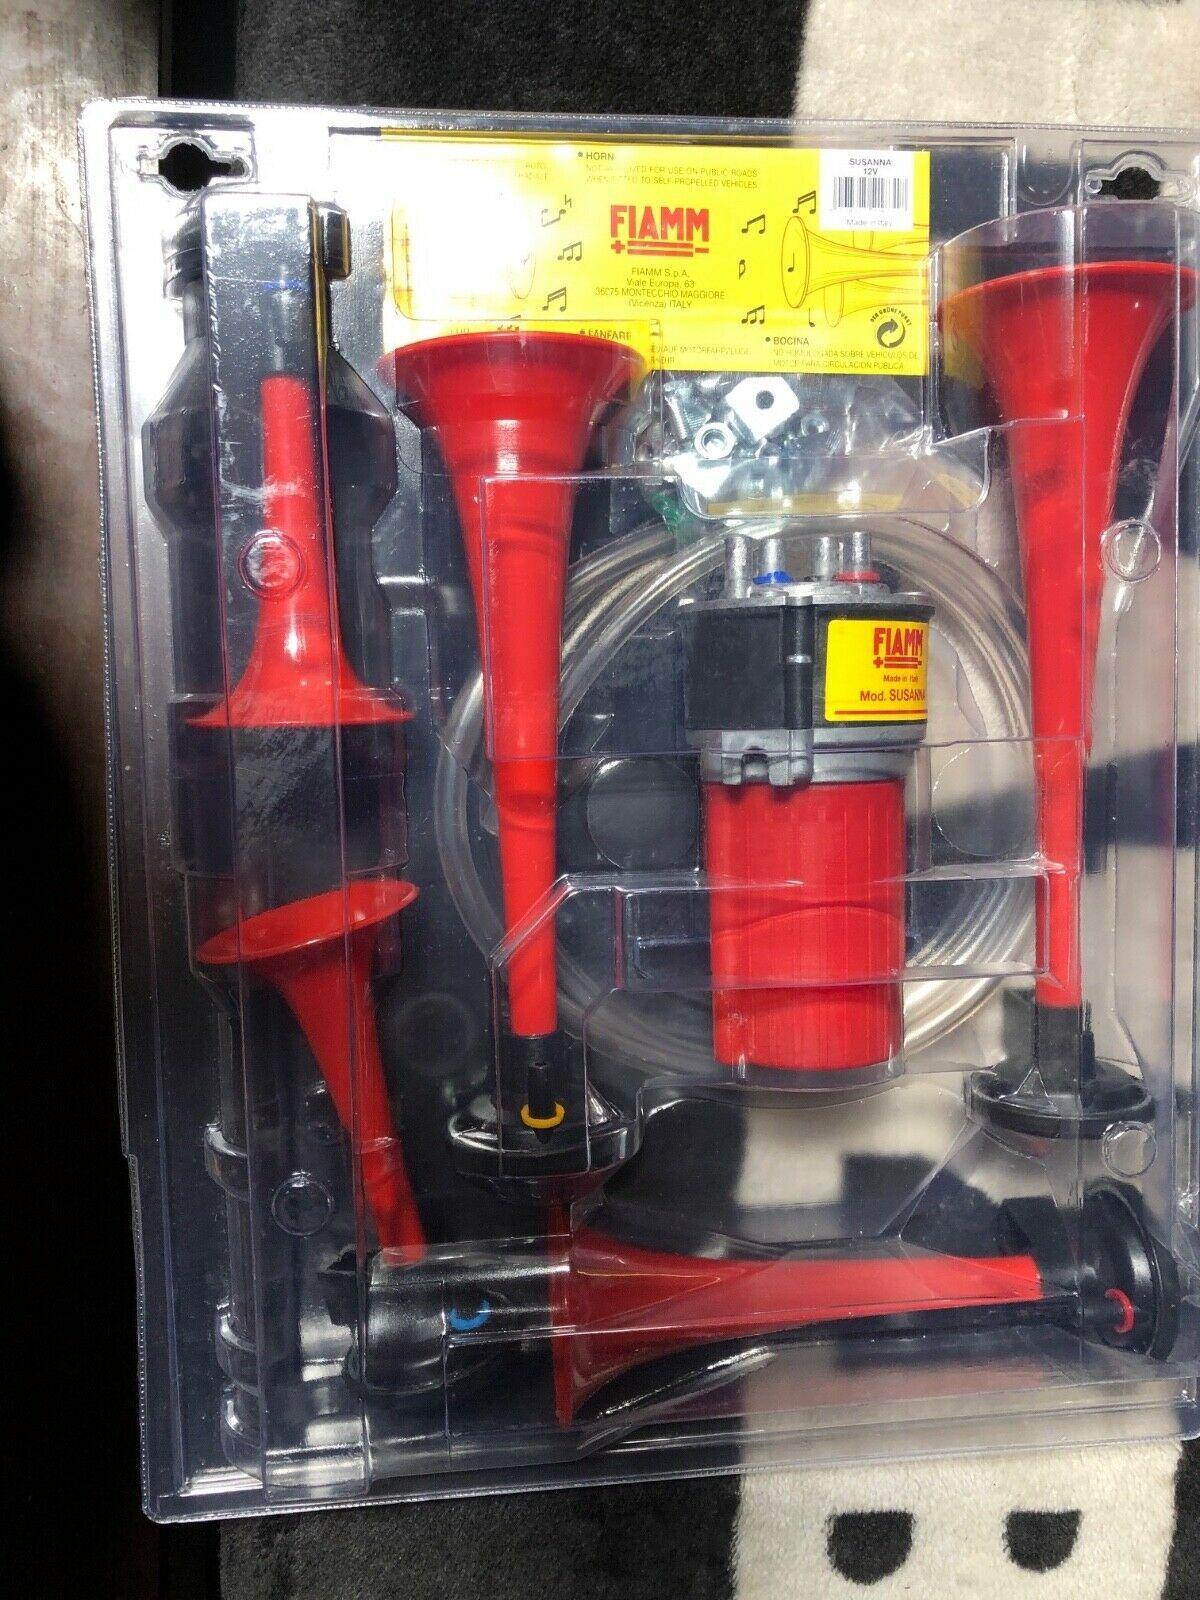 Italian Air Horns 5 Trumpet Fiamm Made Italy 12v Compressor Ferrari Mint New Ferrari Ferrari Car Compressor